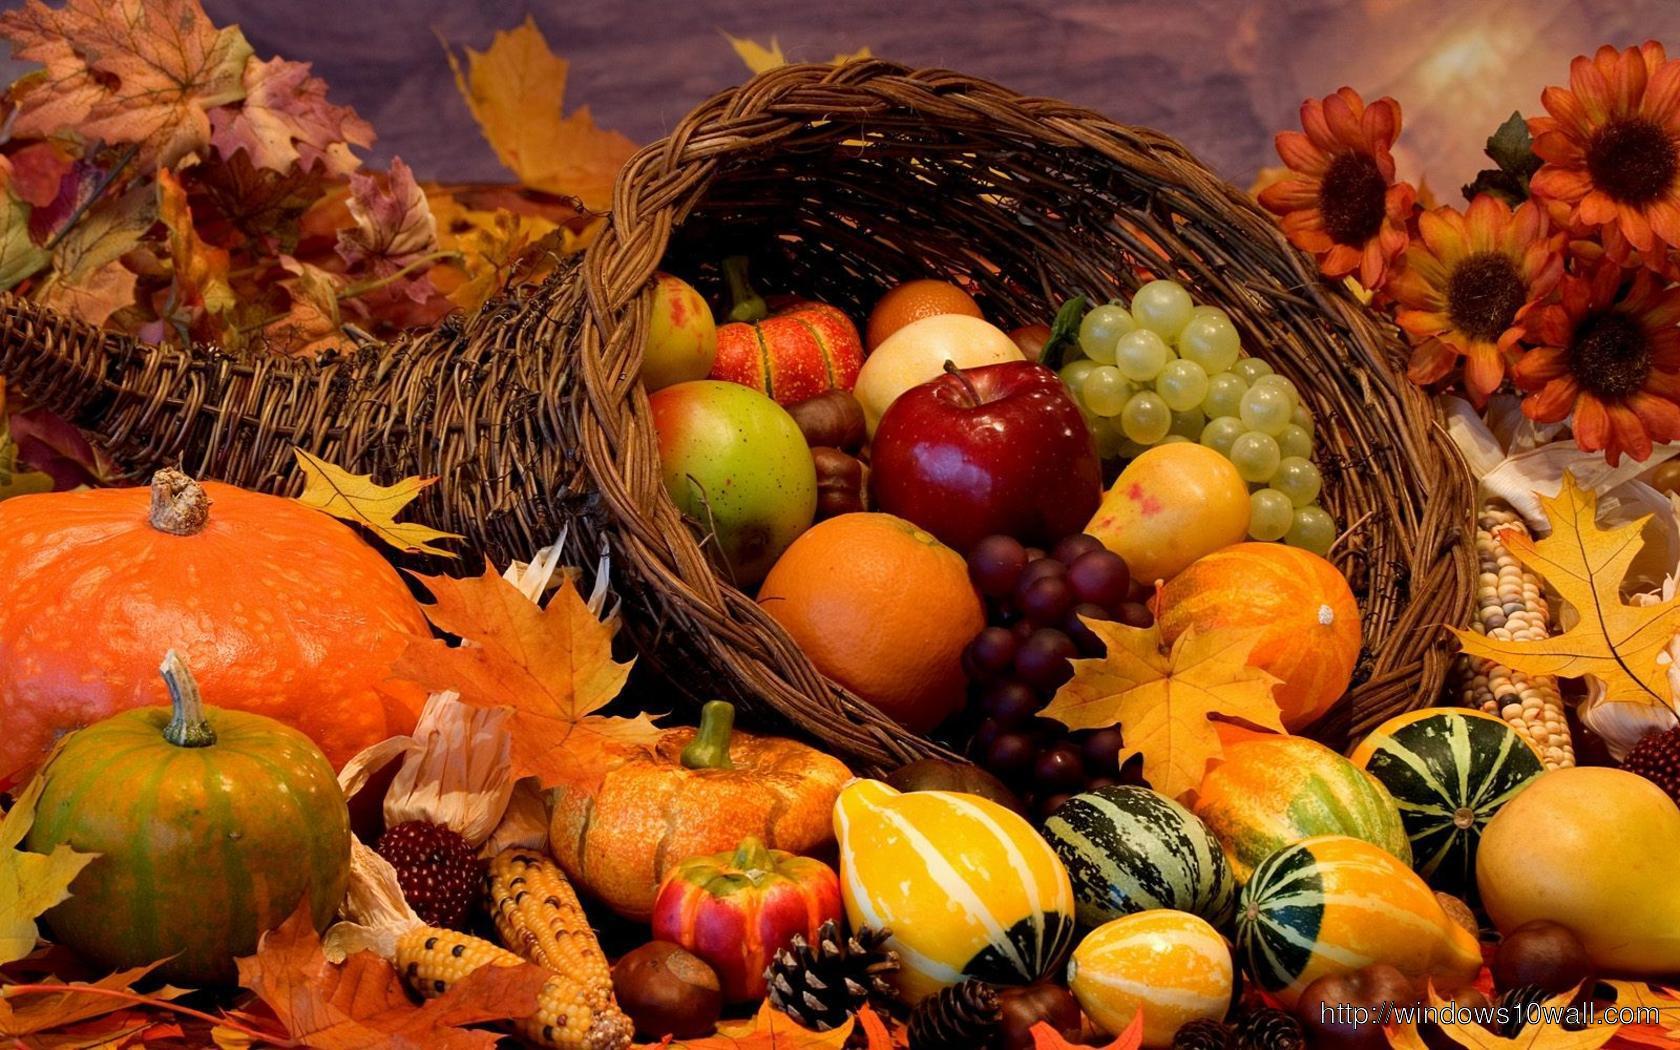 fruits-wallpaper-photos